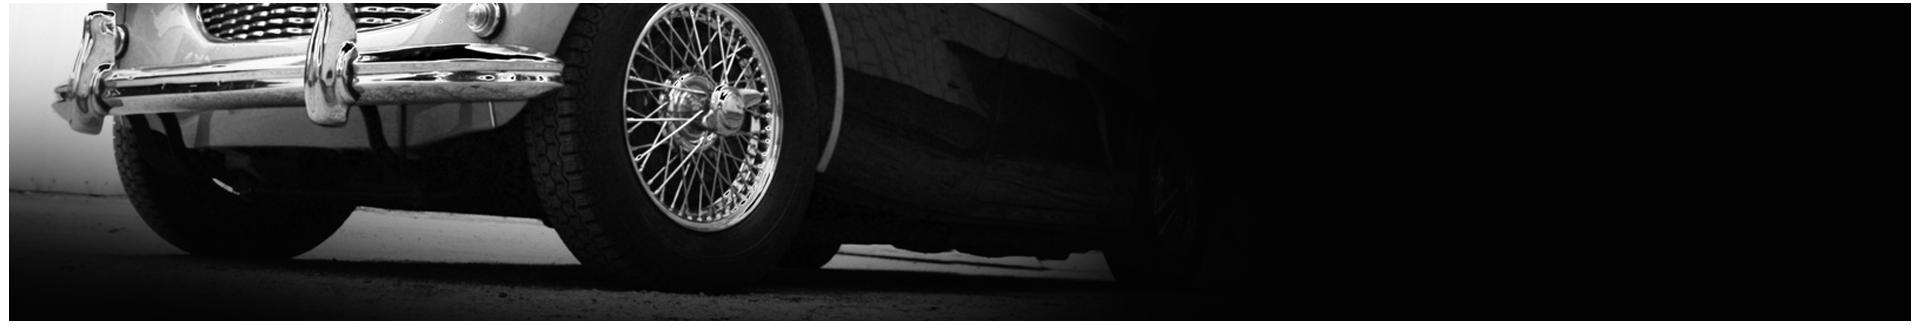 Vintage & sport cars